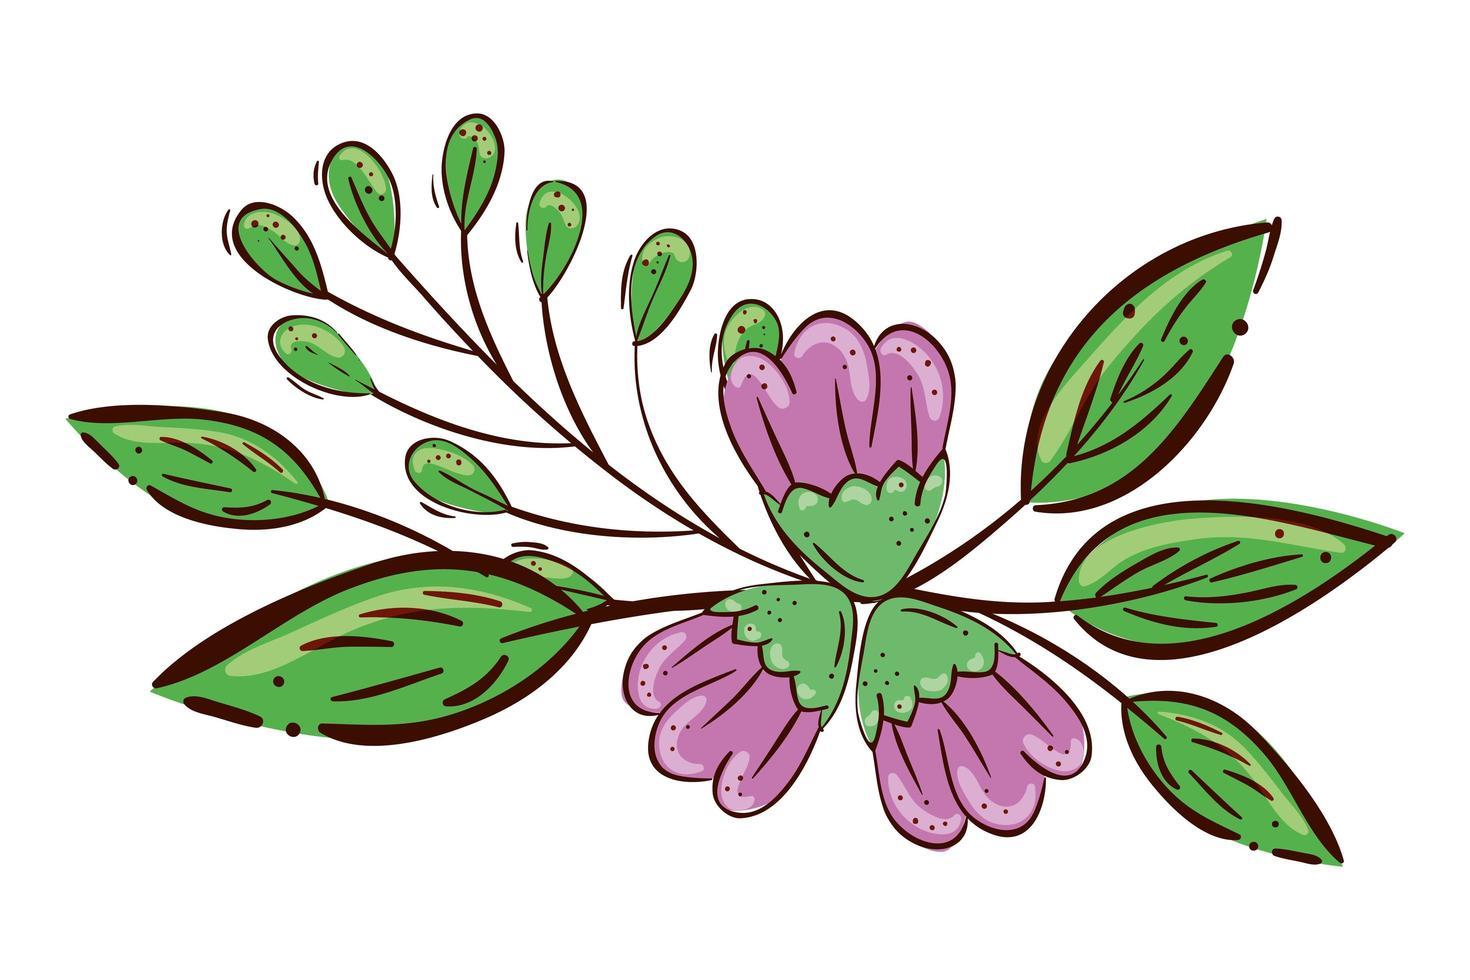 niedliche Blumen lila mit Zweigen und Blättern isolierte Ikone vektor